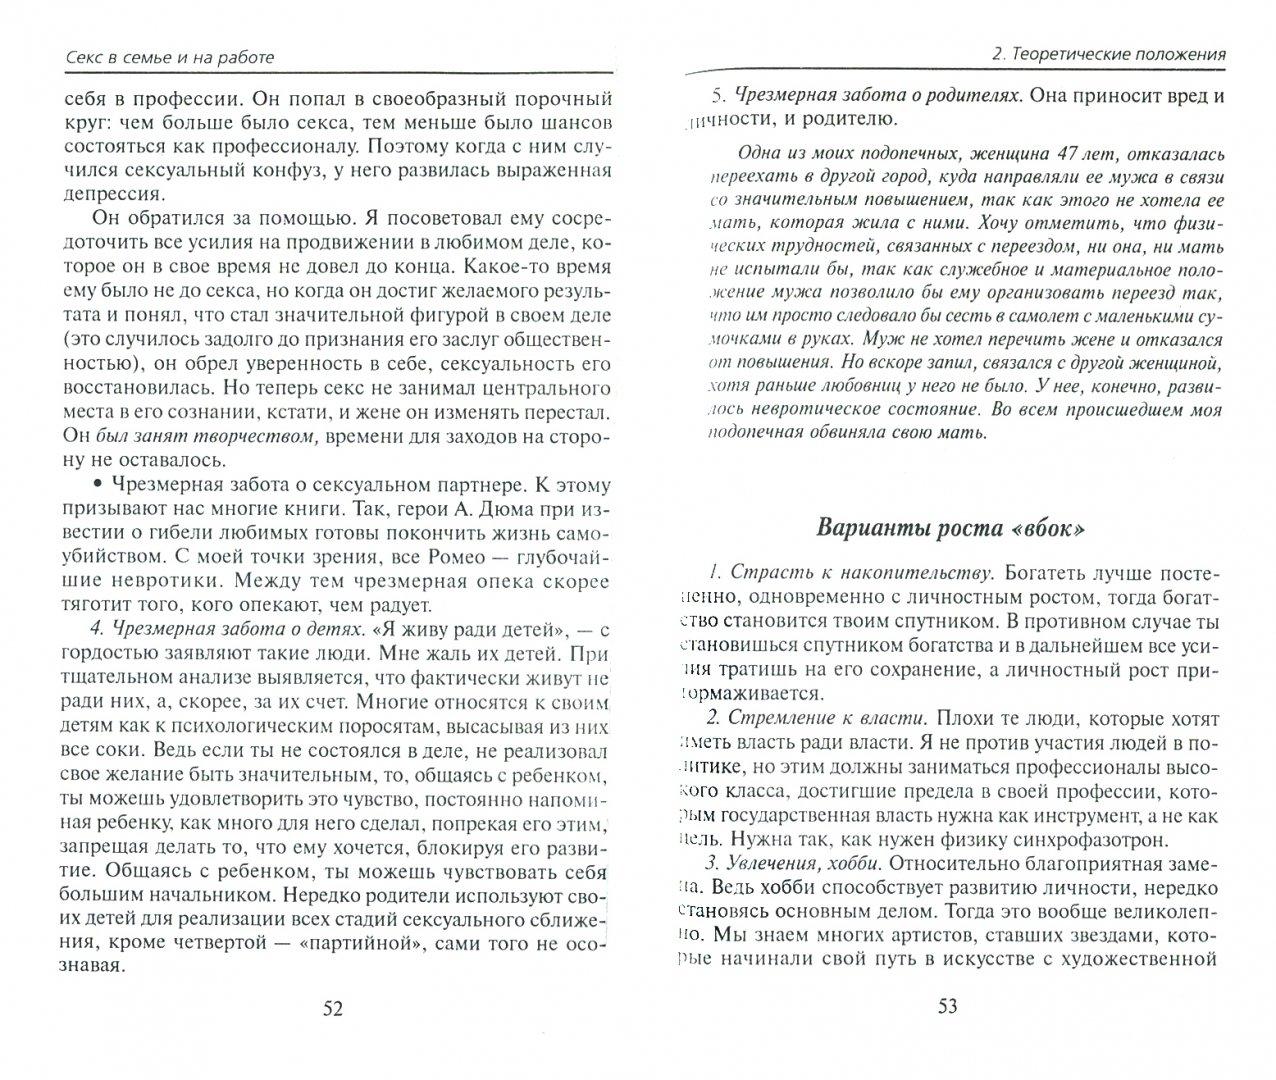 Иллюстрация 1 из 14 для Секс в семье и на работе - Михаил Литвак | Лабиринт - книги. Источник: Лабиринт